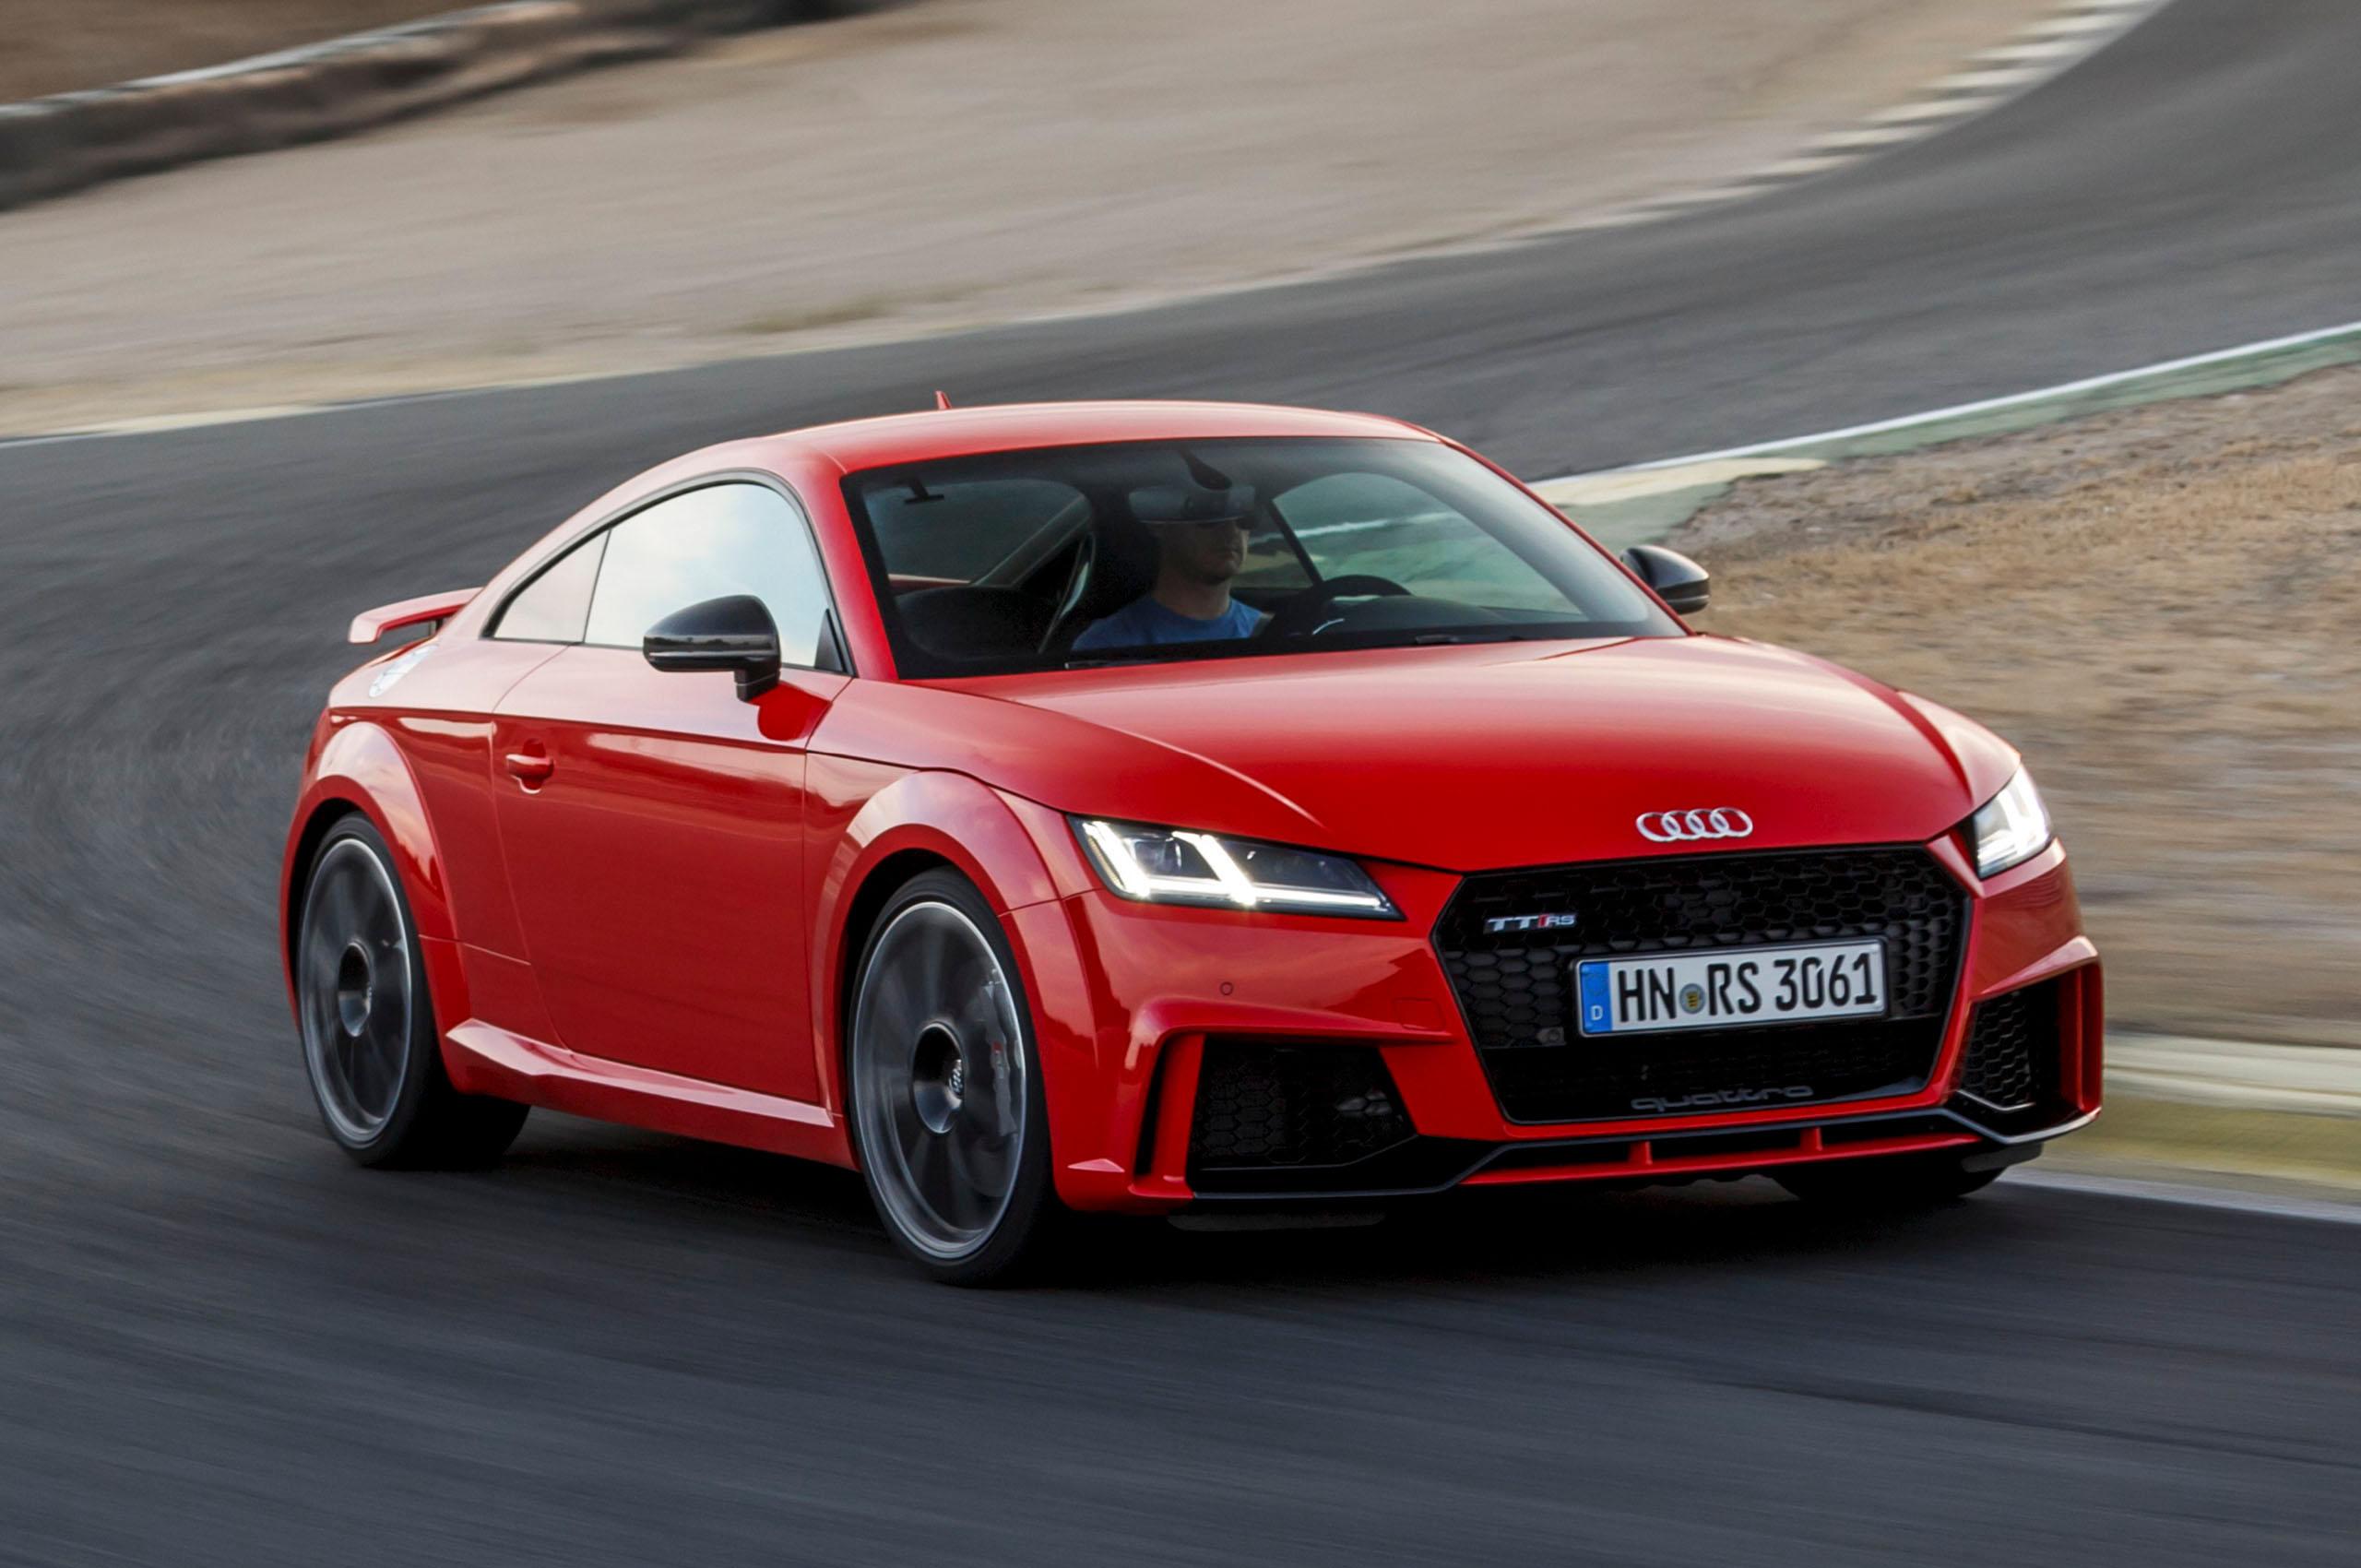 2016 Audi TT RS Coupé review review | Autocar